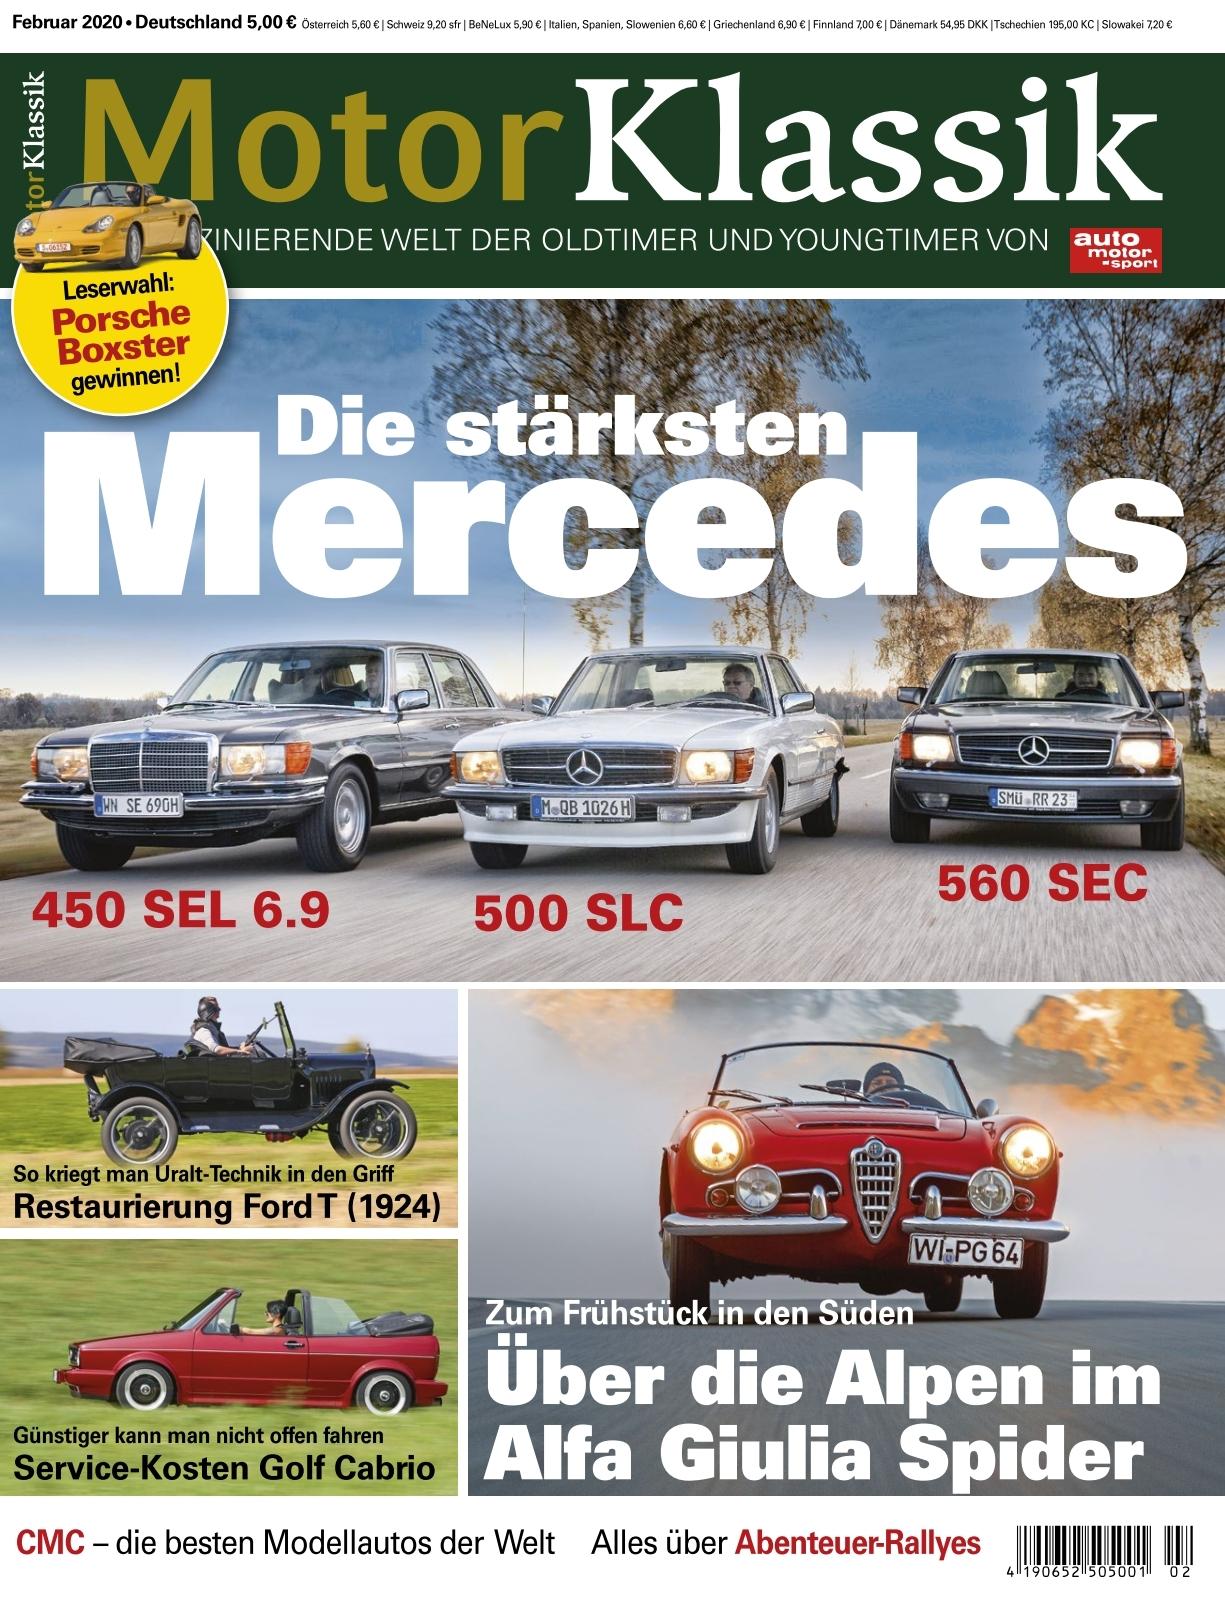 4 x YOU.S Bremsschläuche SET Vorne /& Hinten Links Rechts für VOLVO 440 K 445